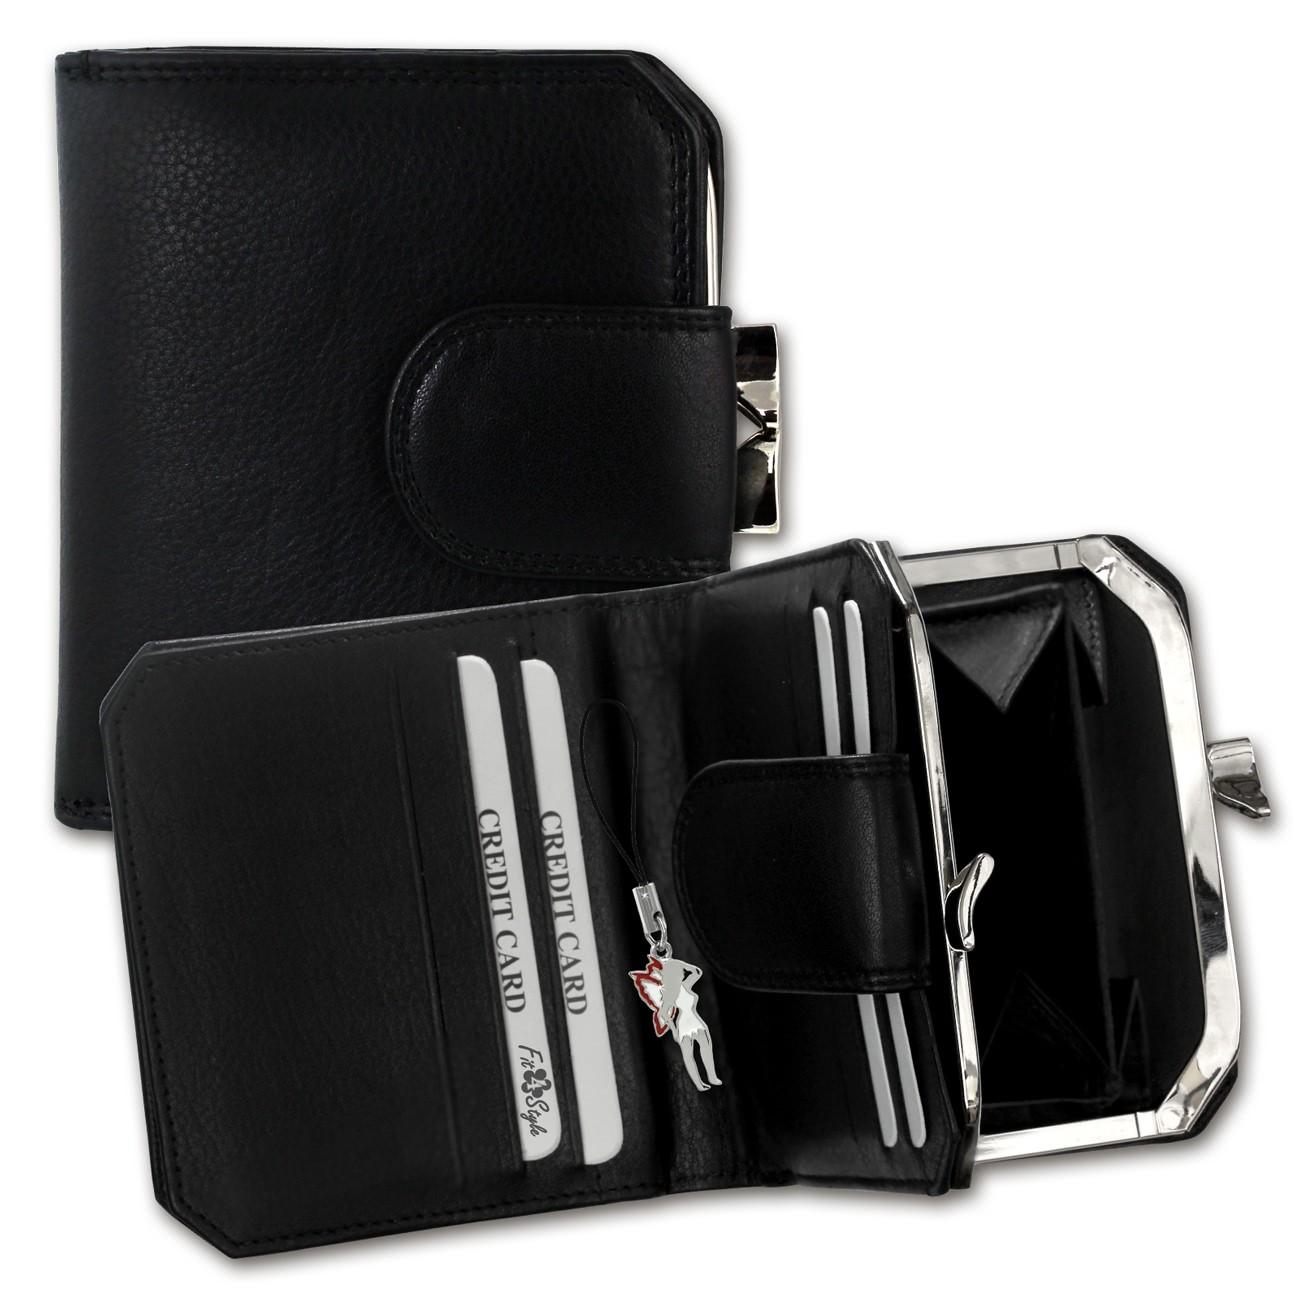 DrachenLeder Geldbörse schwarz Damen Portemonnaie Leder OPD103S